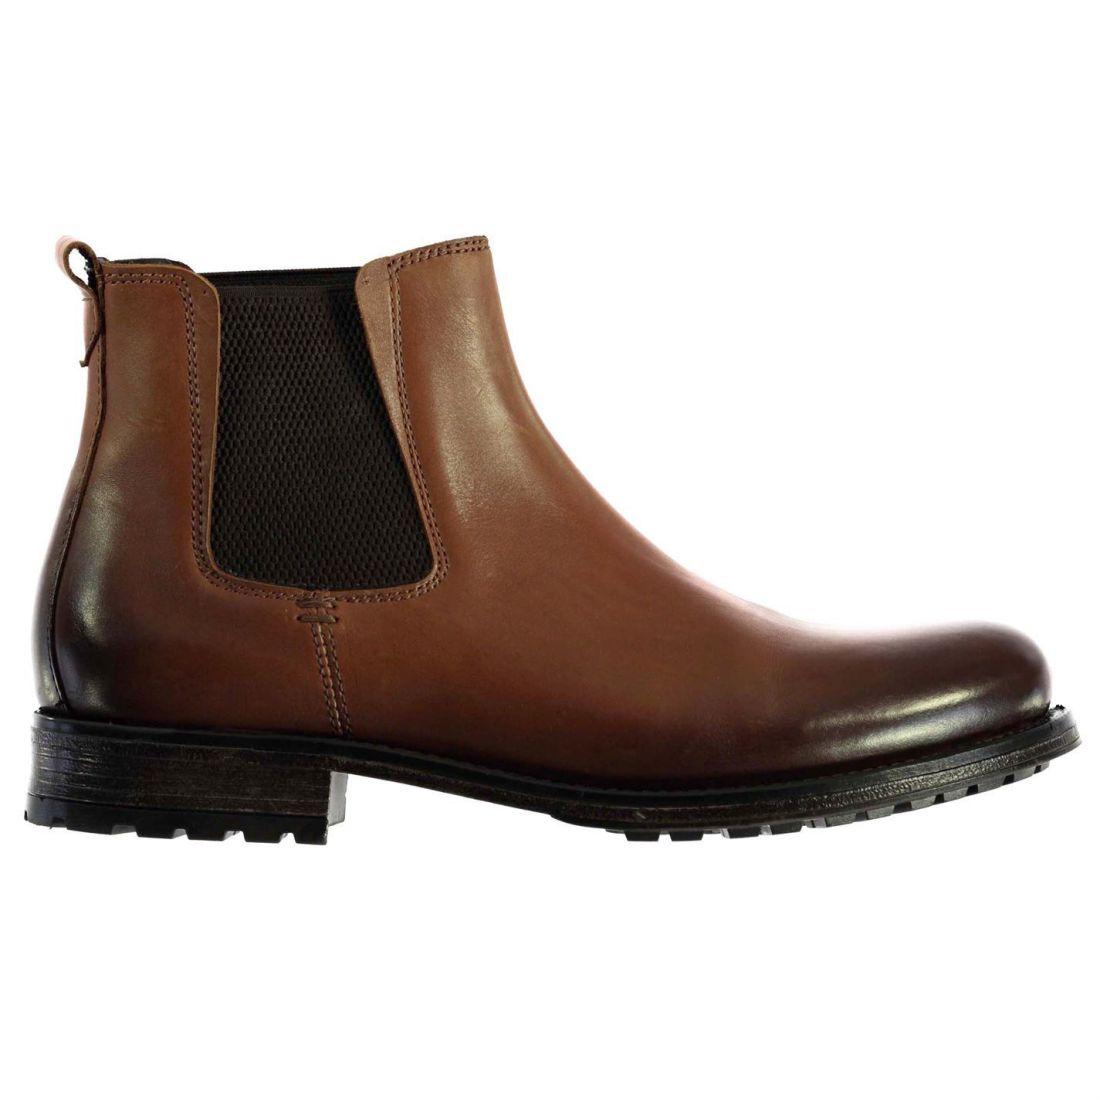 Hex Chelsea Calzado Gents Mens Tan Firetrap Zapatos Boots UqE8wxz